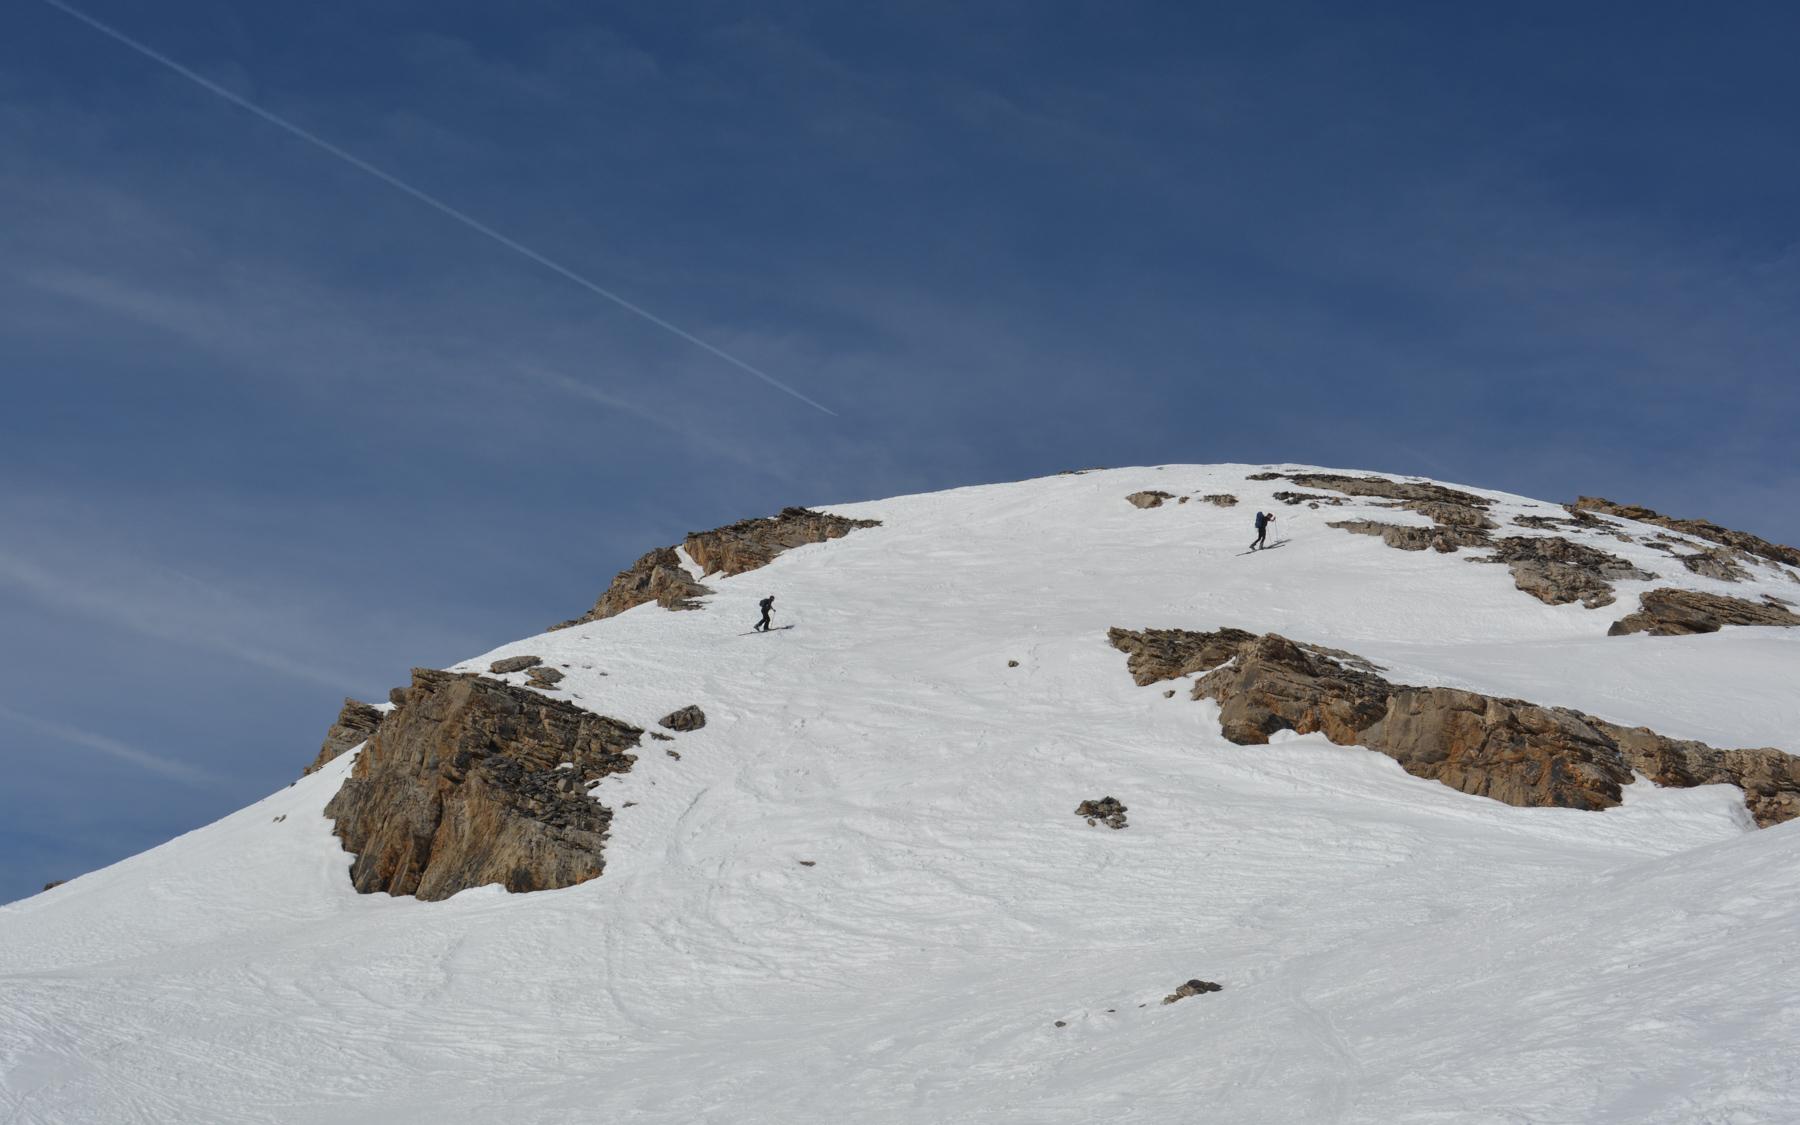 La Blanche, Vallouise, Écrins, France 28